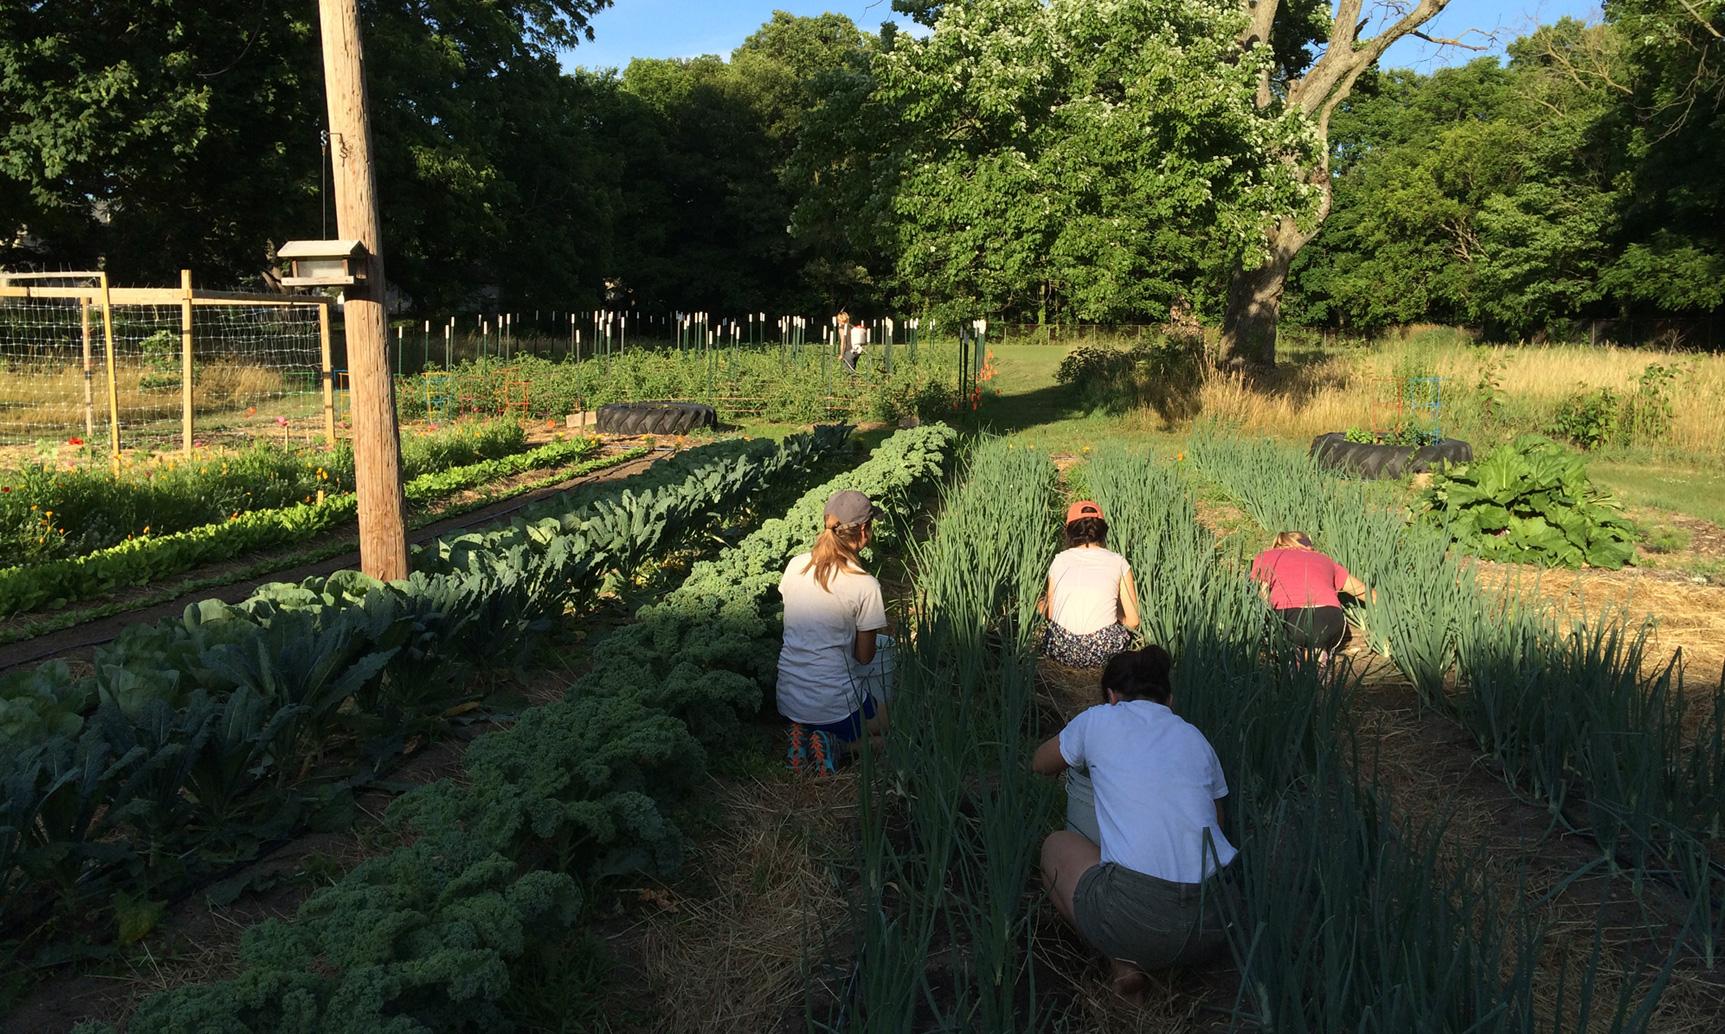 Hussagram: Weeding onions